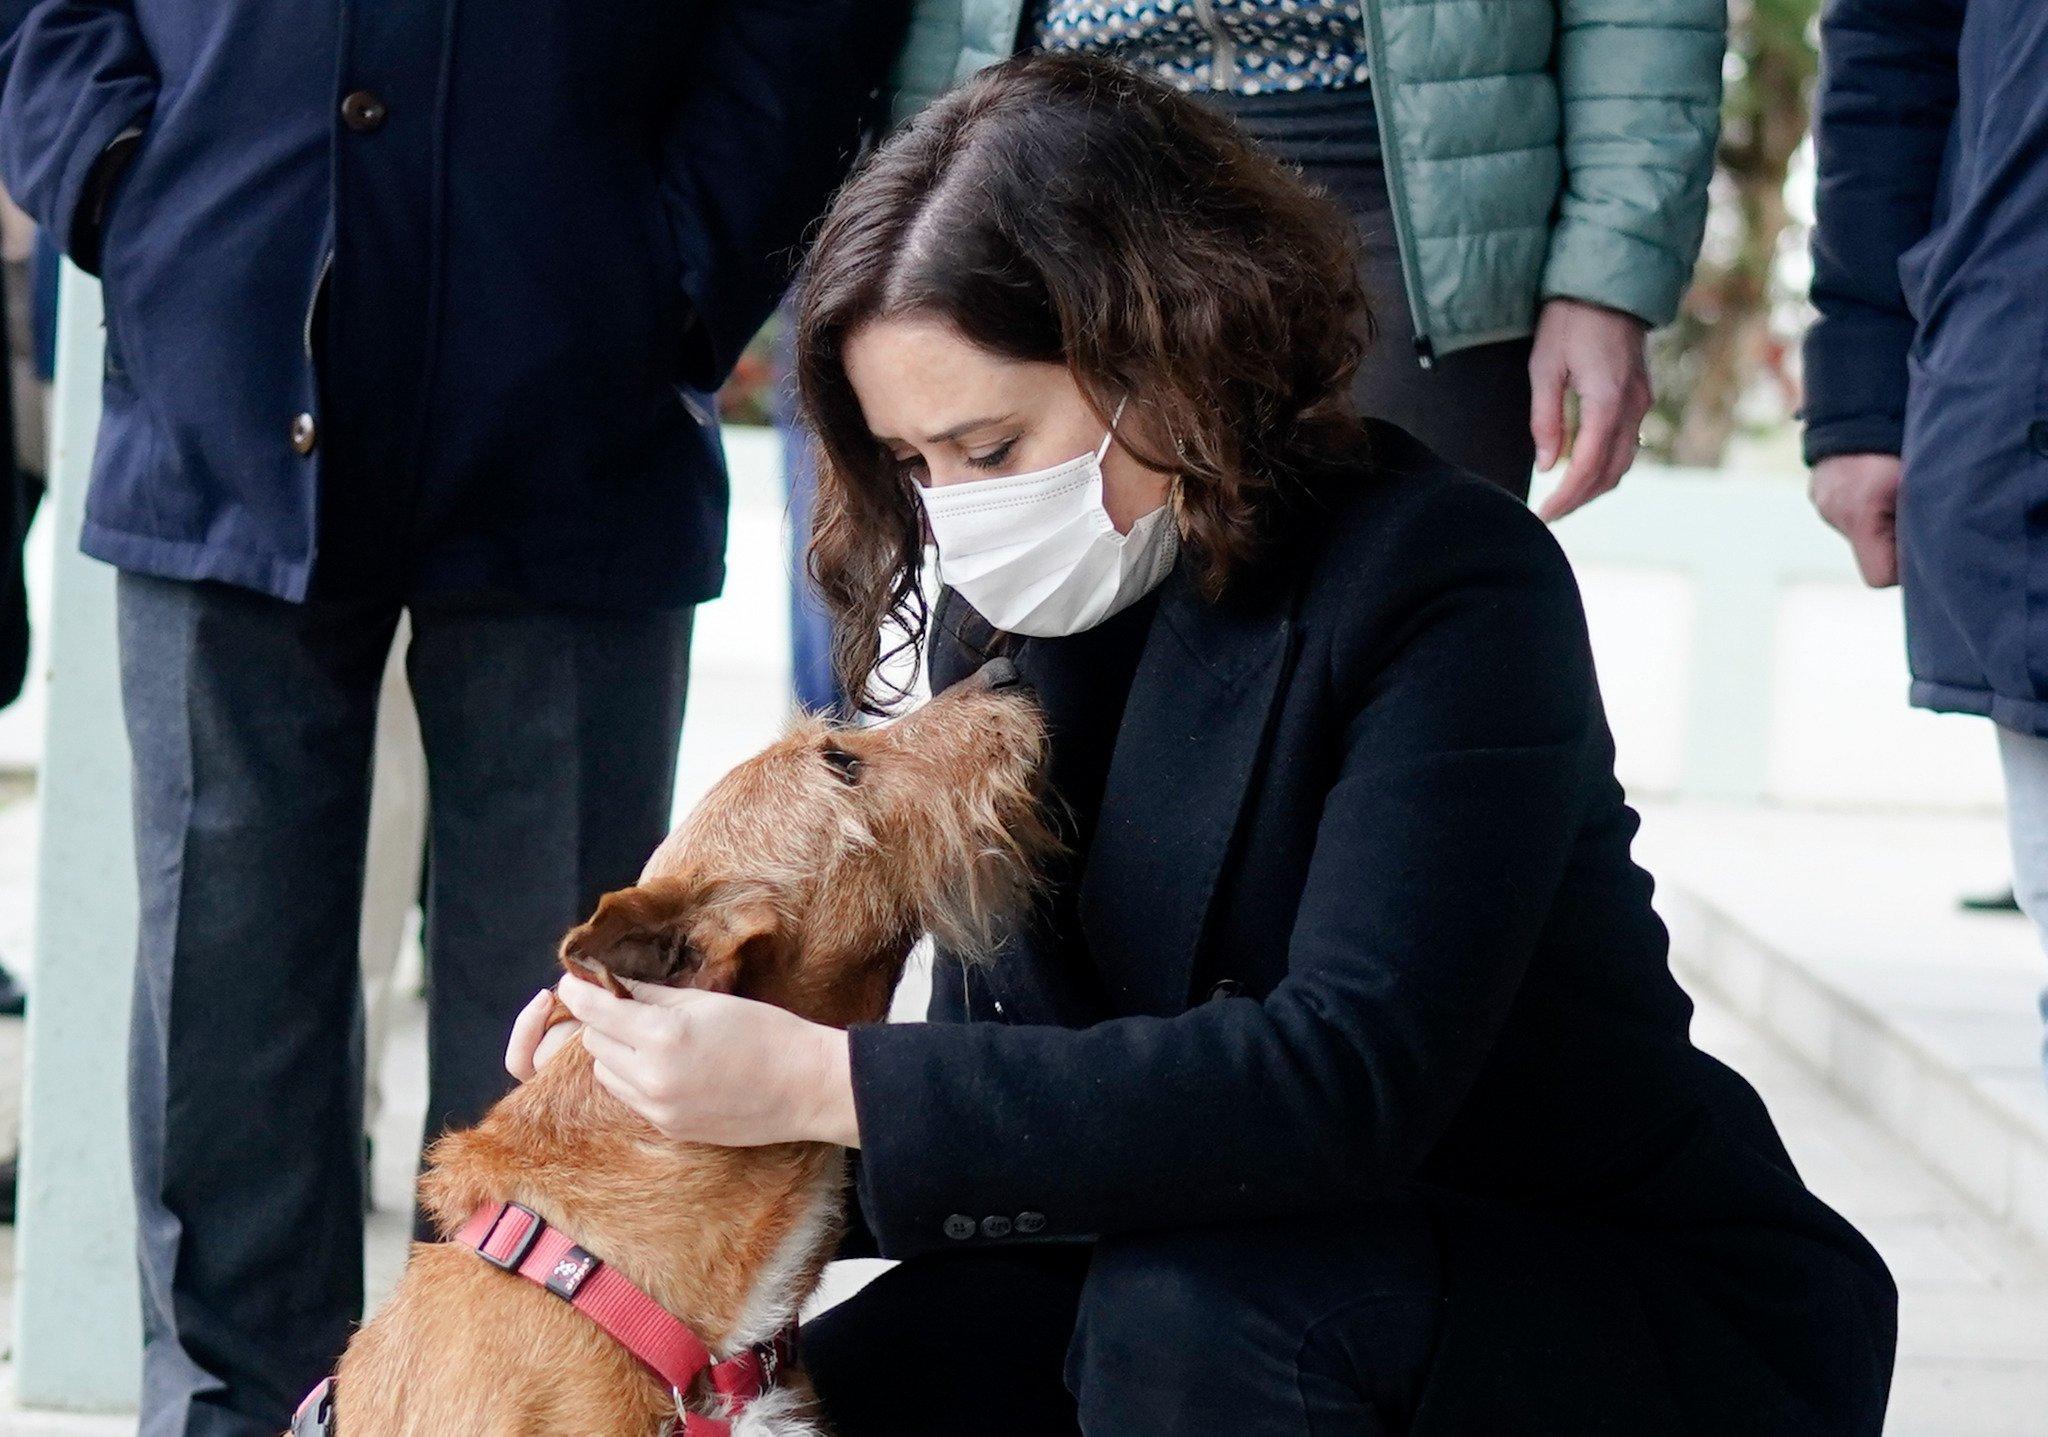 La adopción de animales de compañía crece un 40% durante la pandemia 1